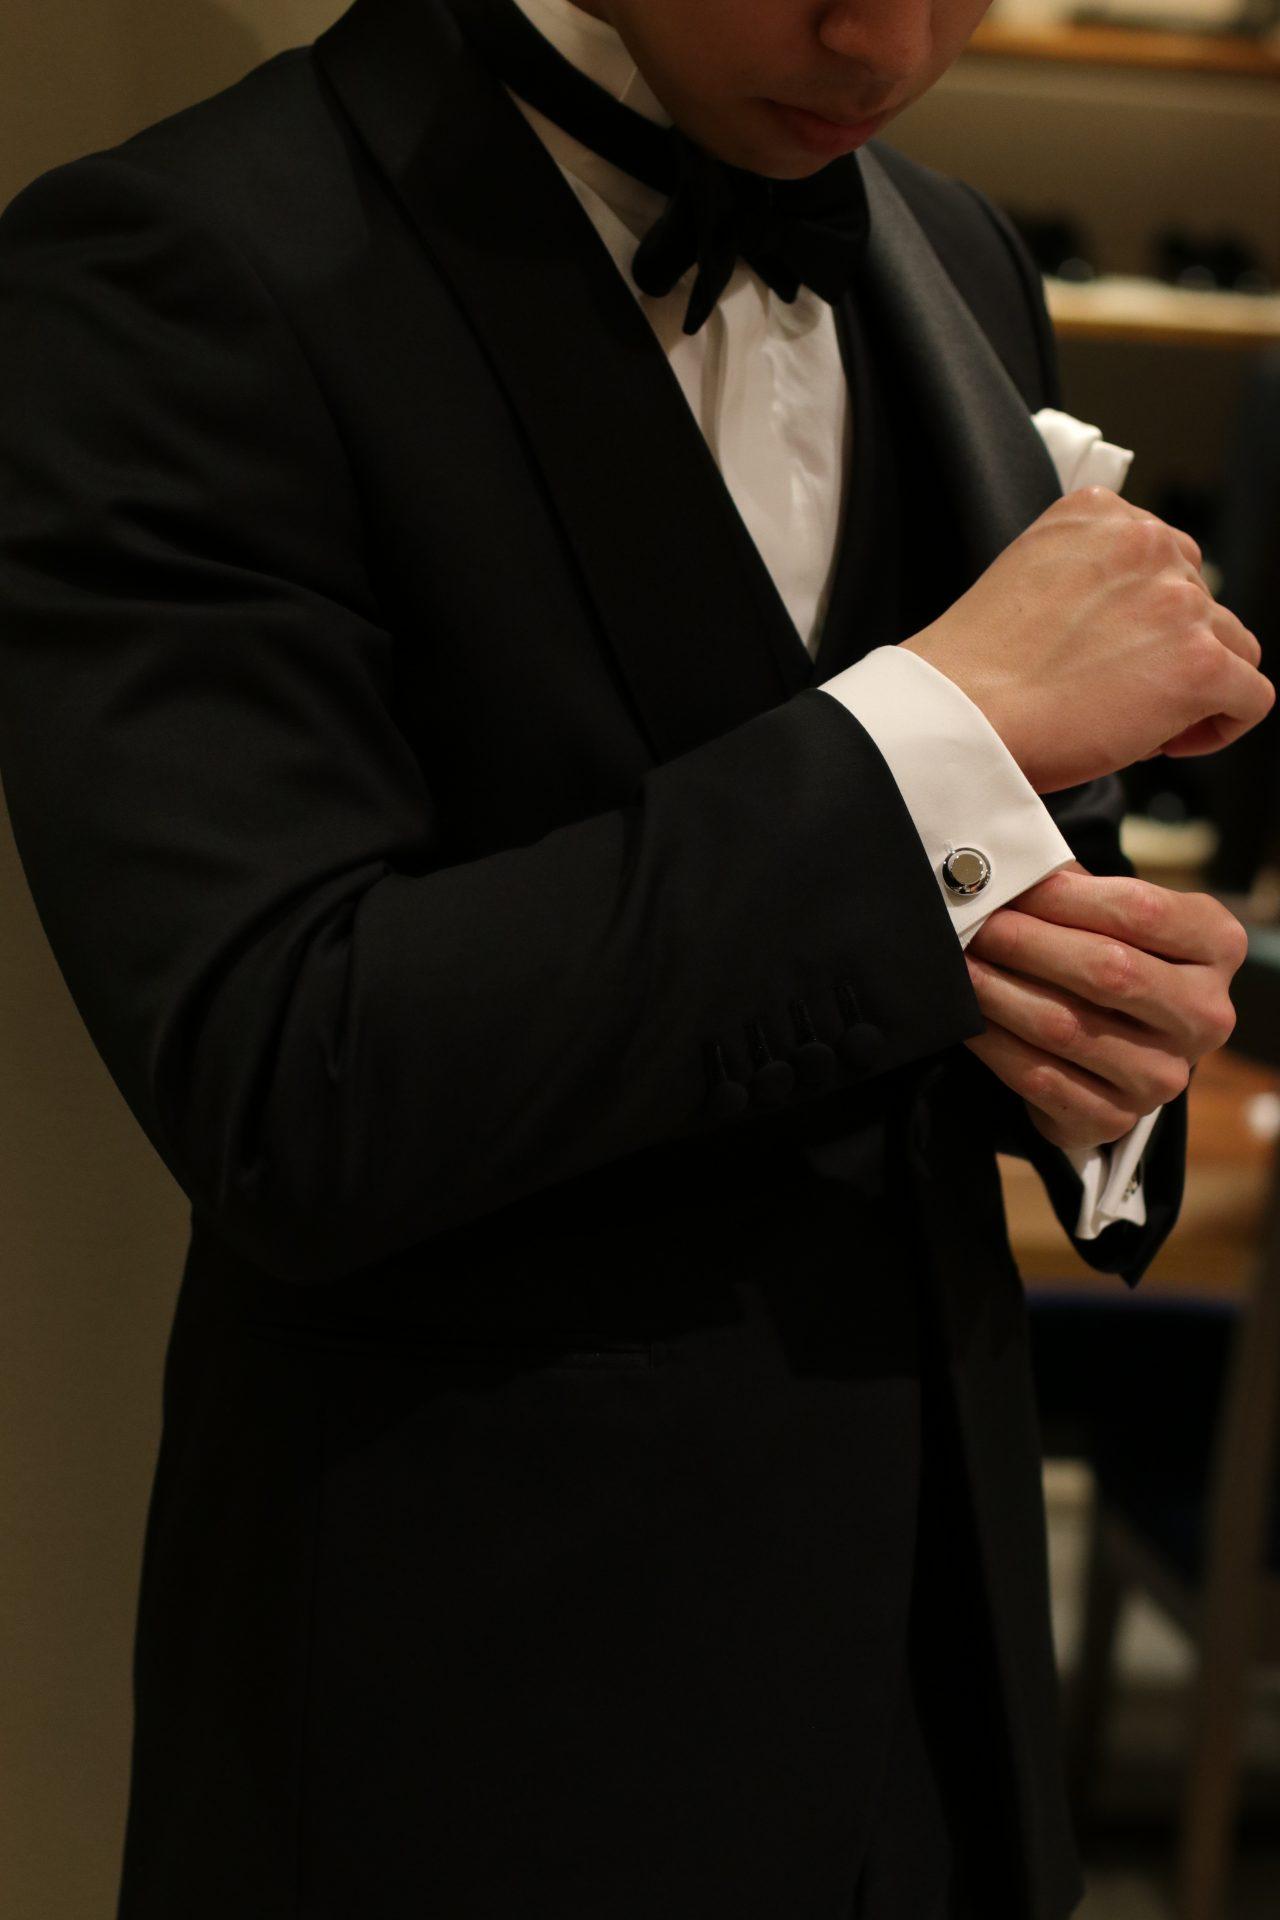 パレスホテル東京での結婚式でお召しになるフォーマルなタキシードにアリスメイドディスのシルバーのカフリンクスを合わせるとよりクラシカルで洗練された印象になります。